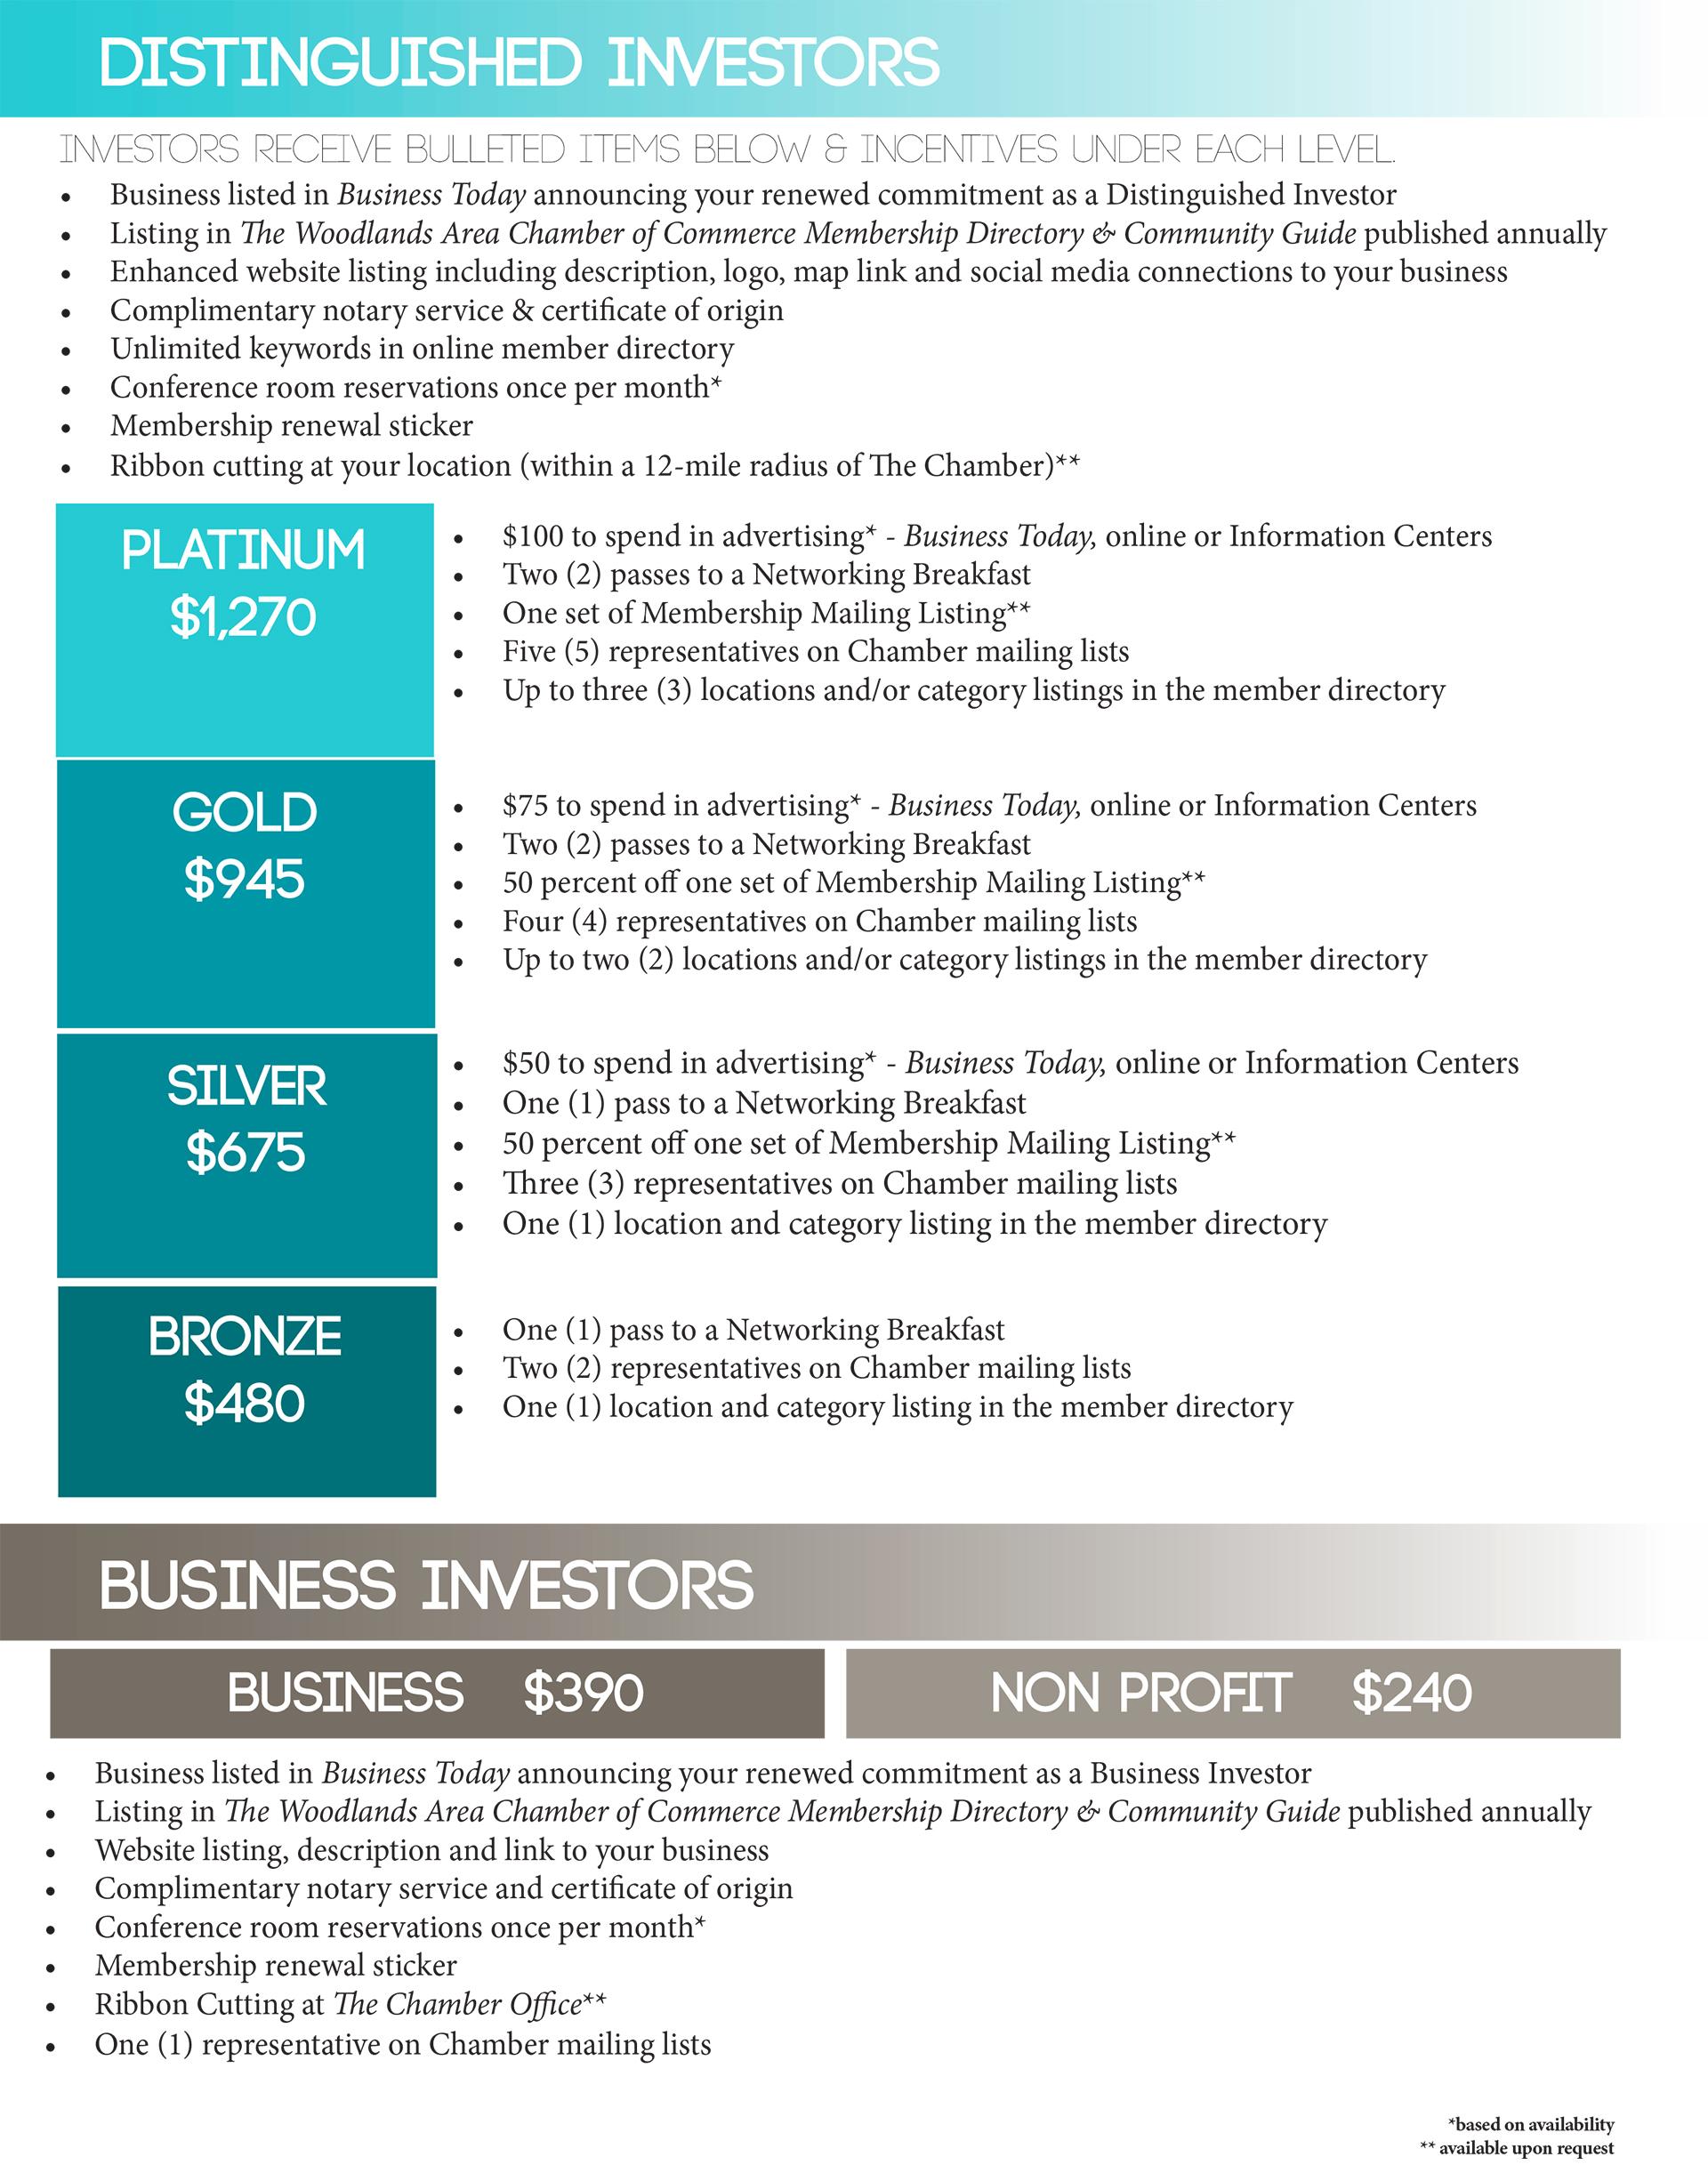 2018 Membership Renewal Levels_Distinguished Investors